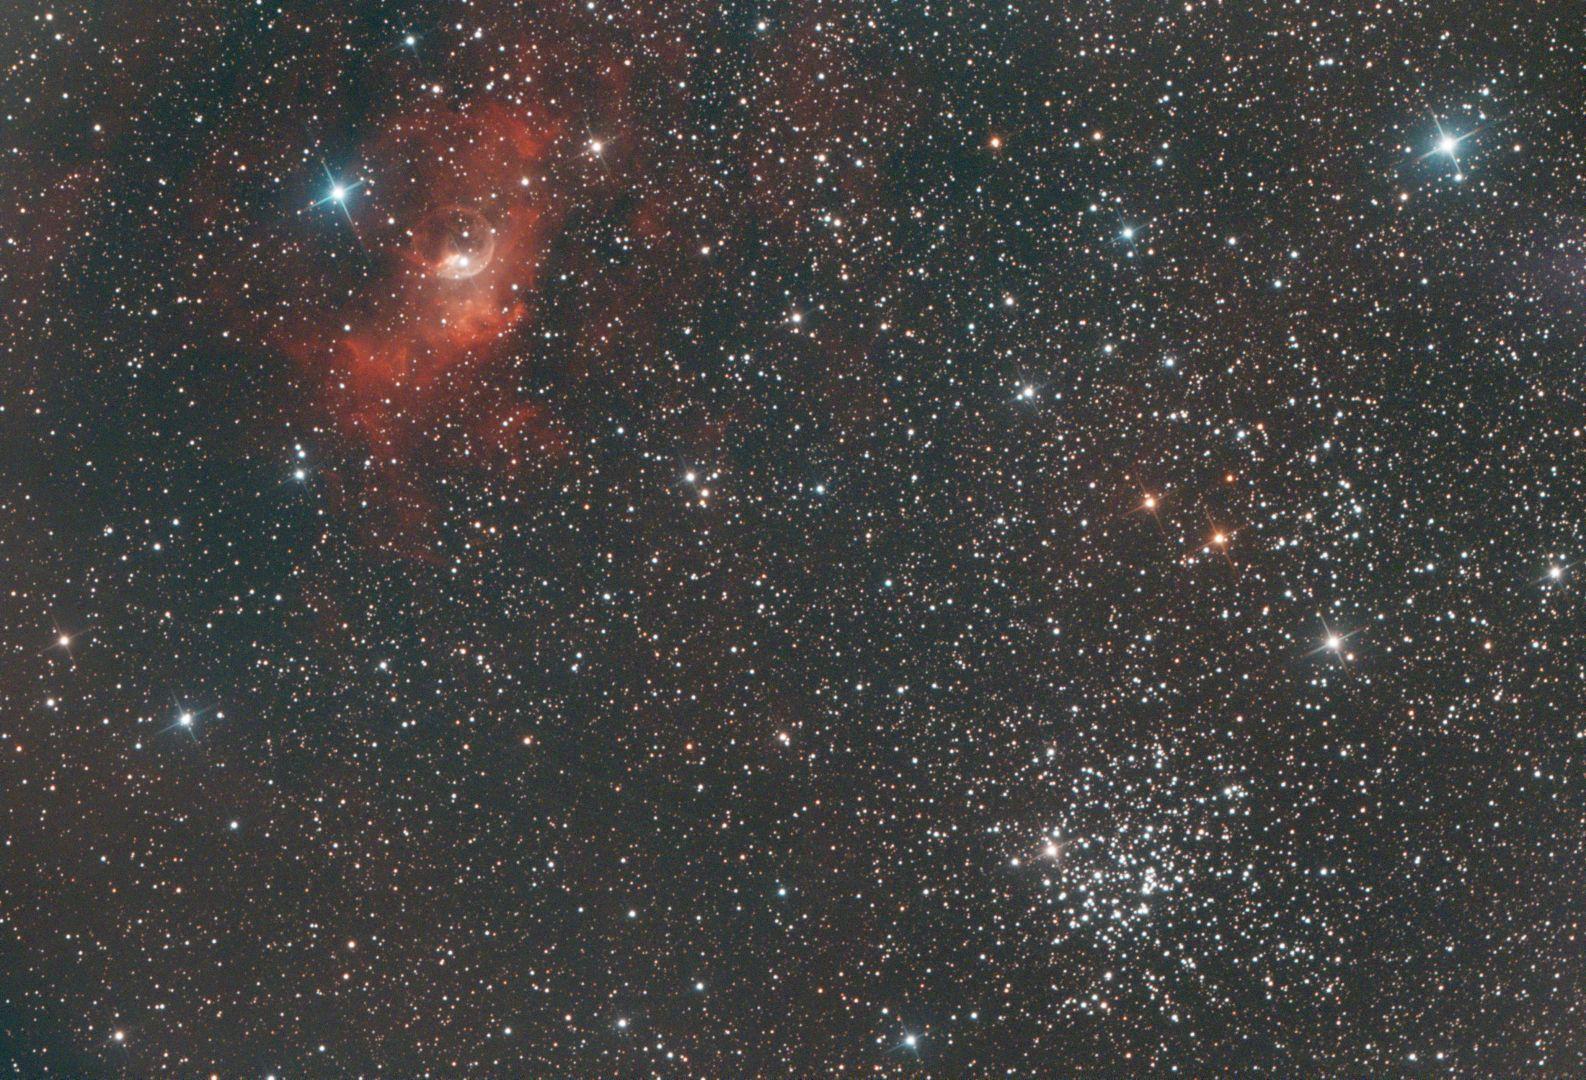 Offener Sternhaufen_M52_mit Blasennebel_NGC7635.jpg